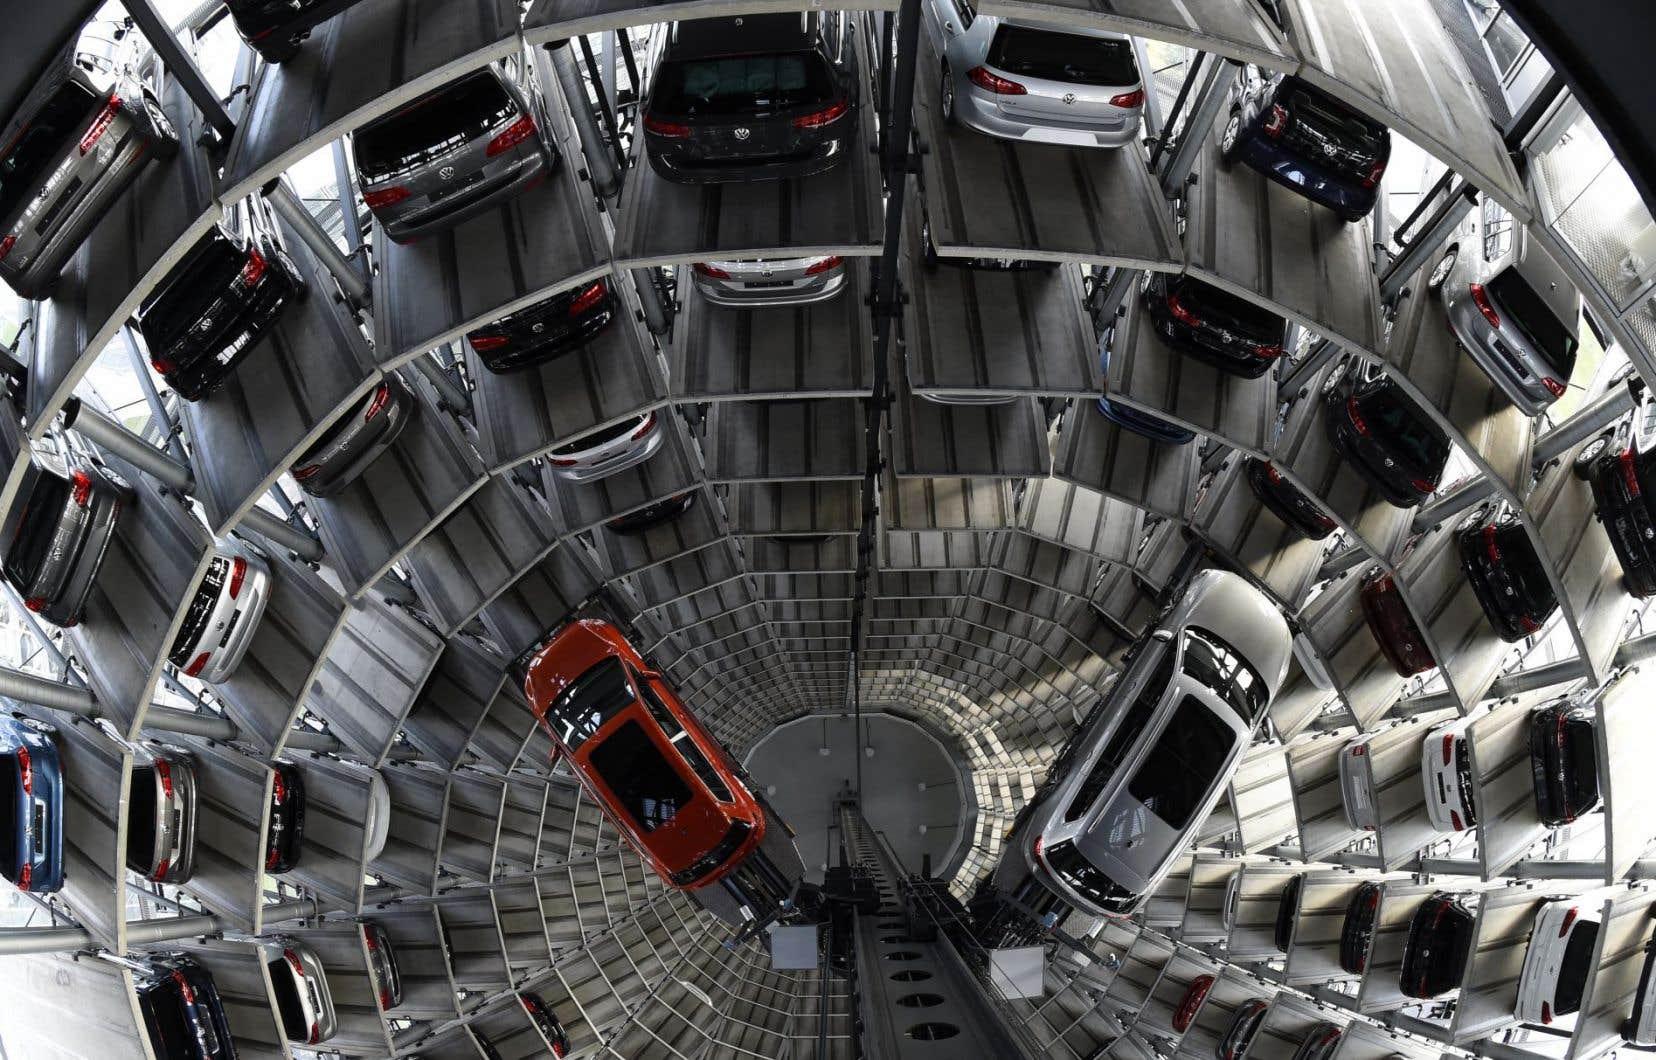 Une tour de rangement de voitures à l'usine de Volkswagen à Wolfsburg, en Allemagne